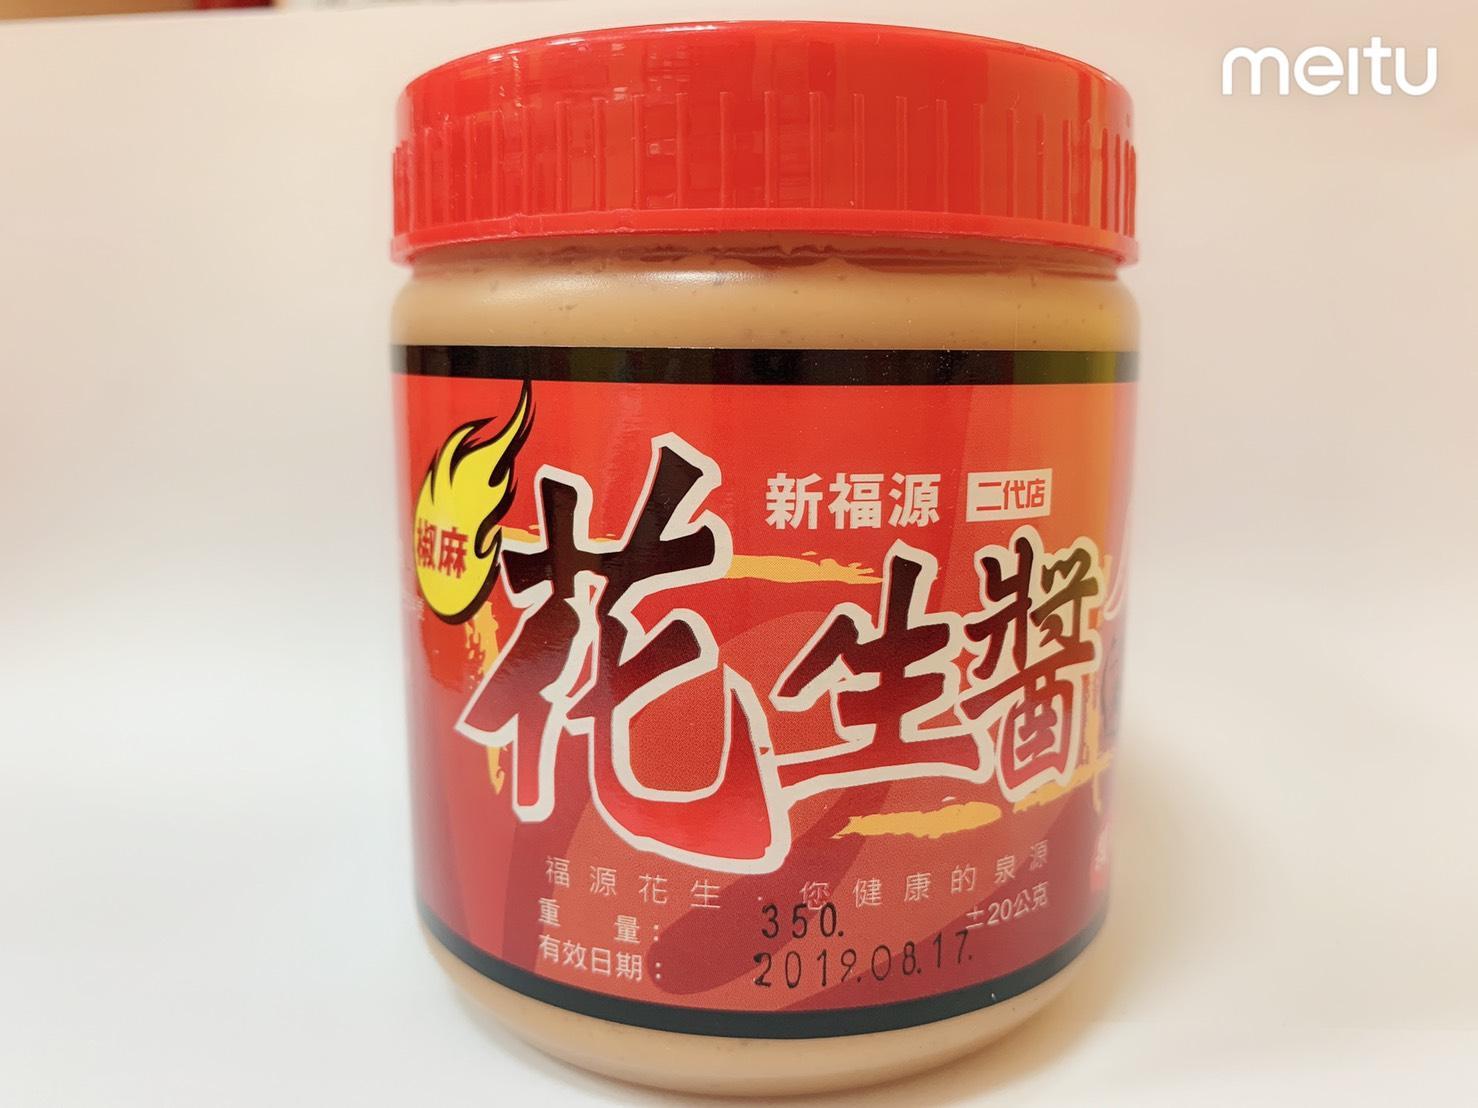 新福源 椒麻花生醬(顆粒)